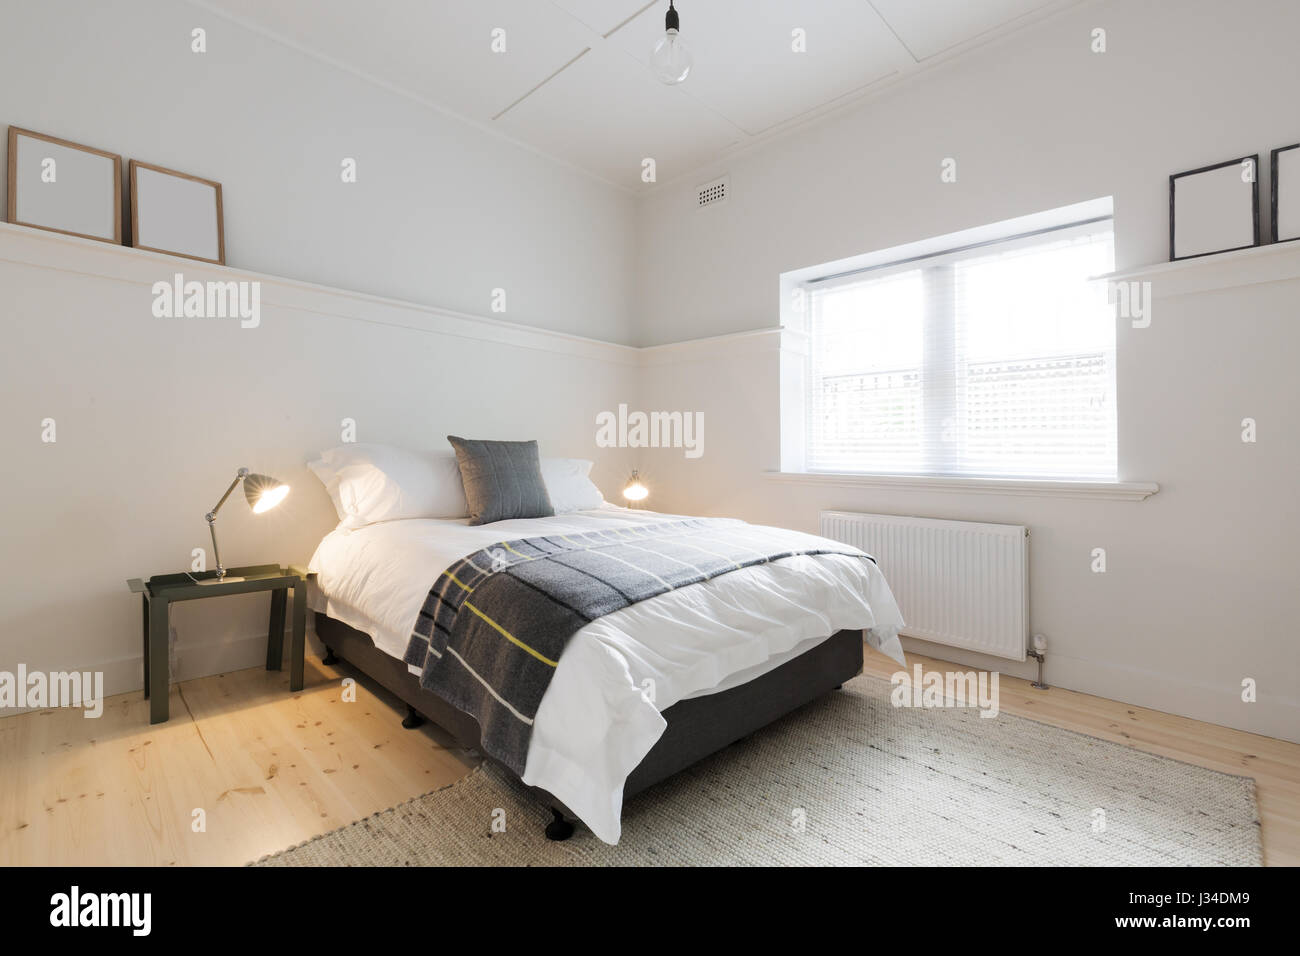 Dänische modern gestylten eingerichteten Schlafzimmer Luxus ...